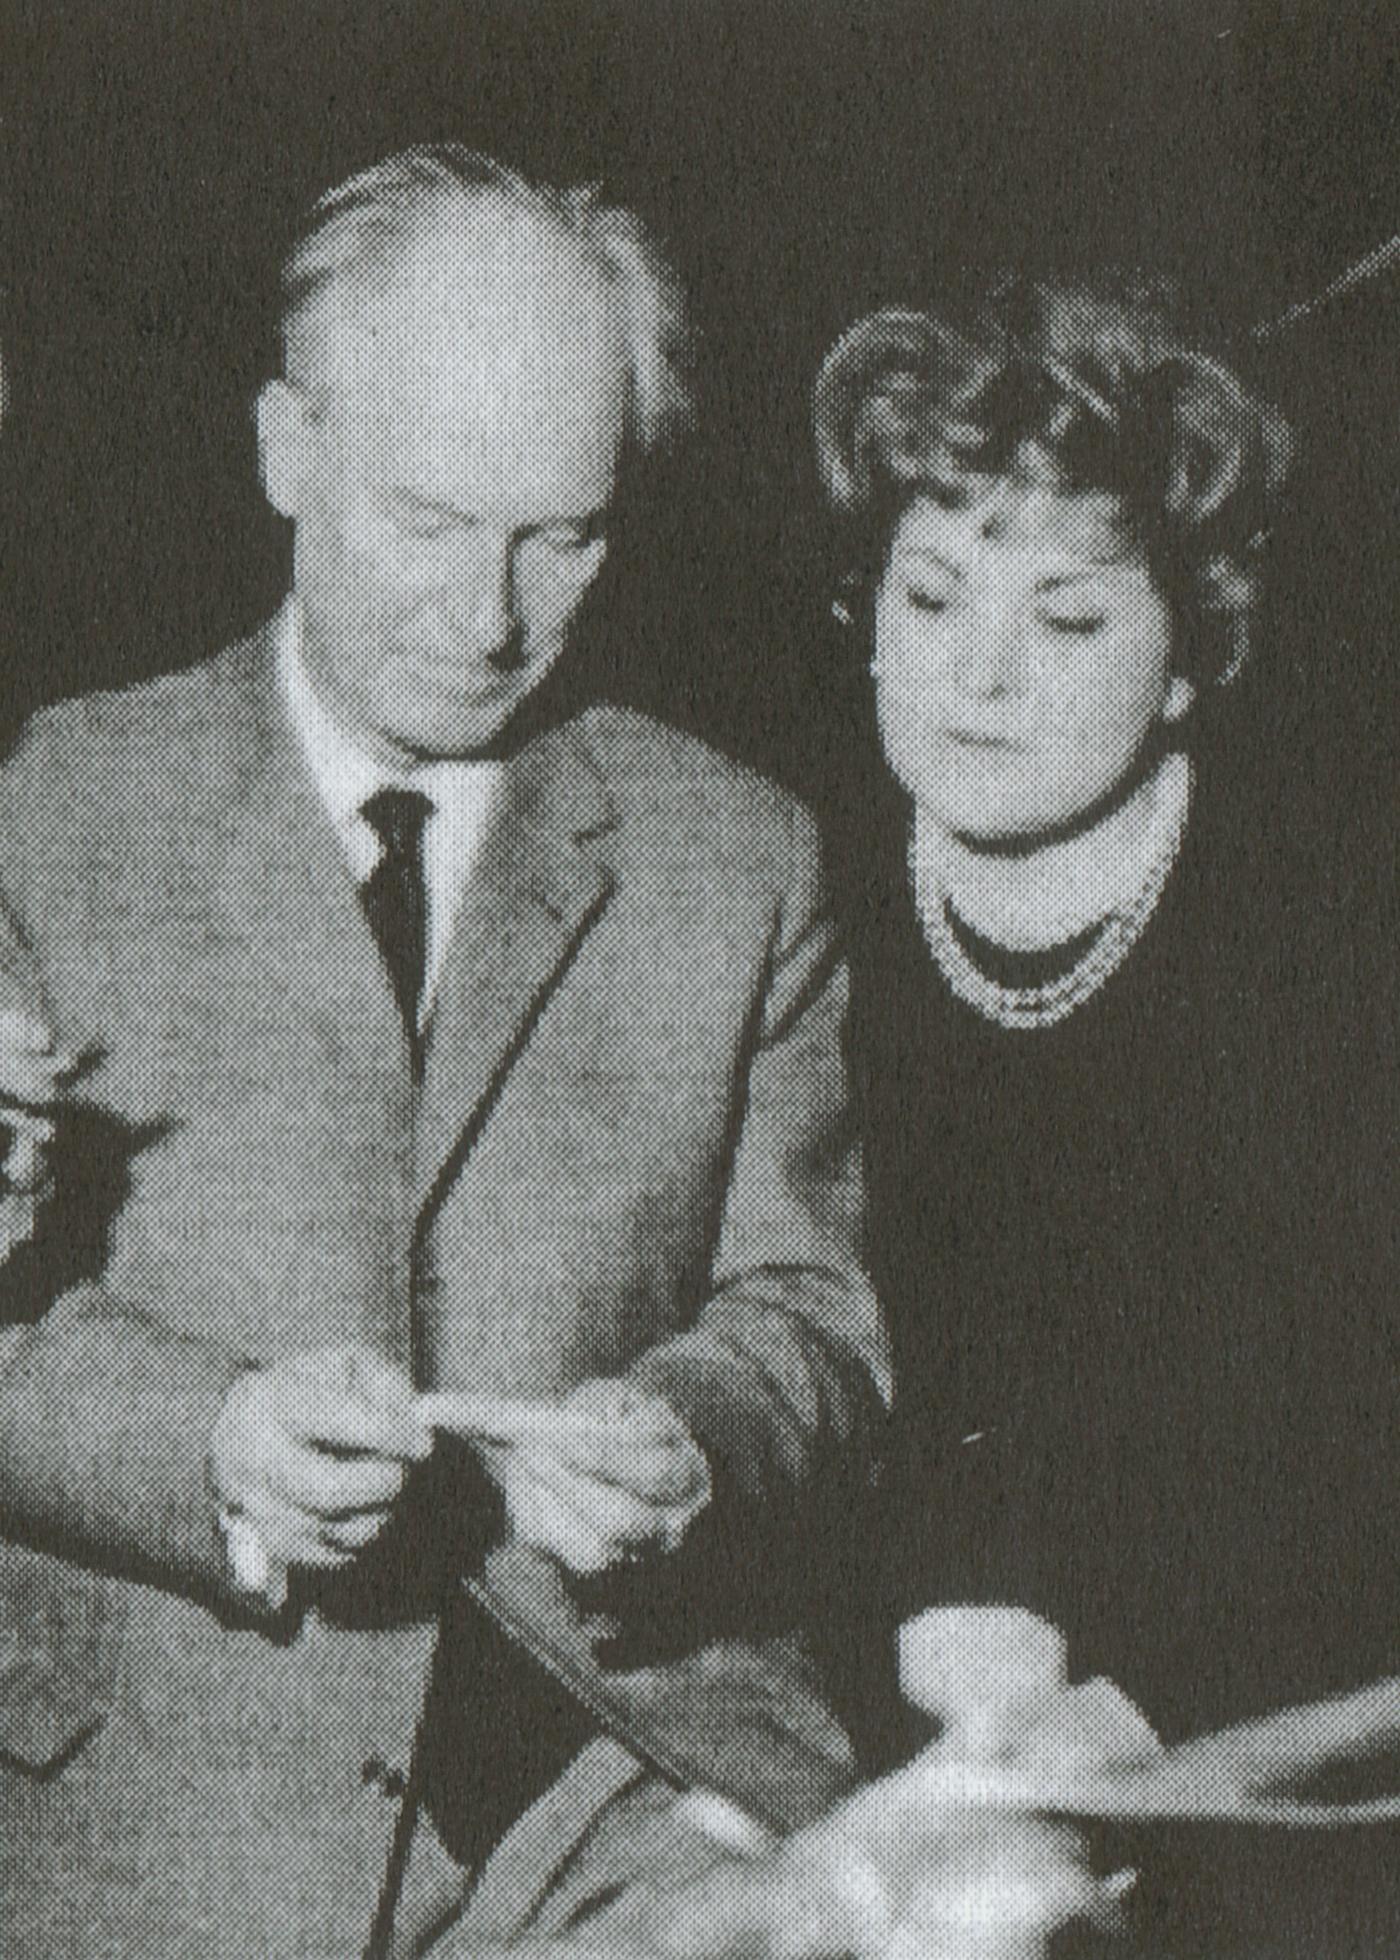 Karl RISTENPART et Teresa STICH-RANDALL en discussion lors d'un enregistrement de disques, Saarlouis-Fraulautern, 1964, , cliquer pour une vue agrandie